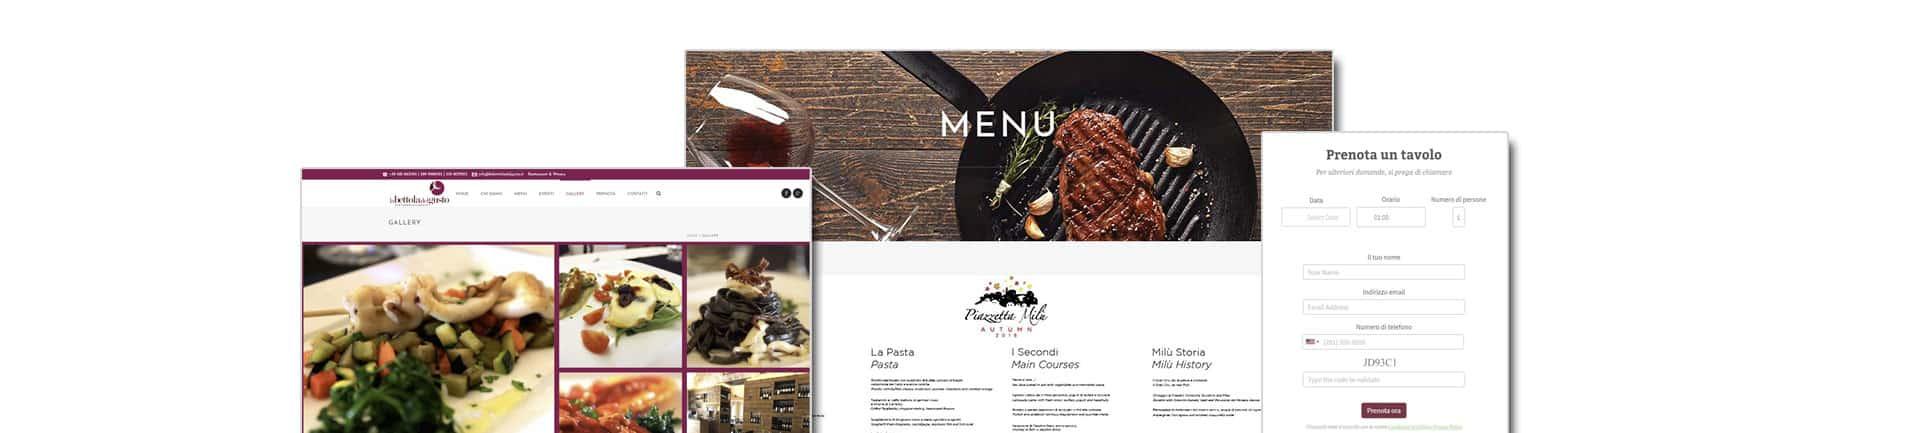 ristorante piede sfondo 1 - Siti web per Ristoranti, Pub, Winebar - Web Agency Napoli Flashex